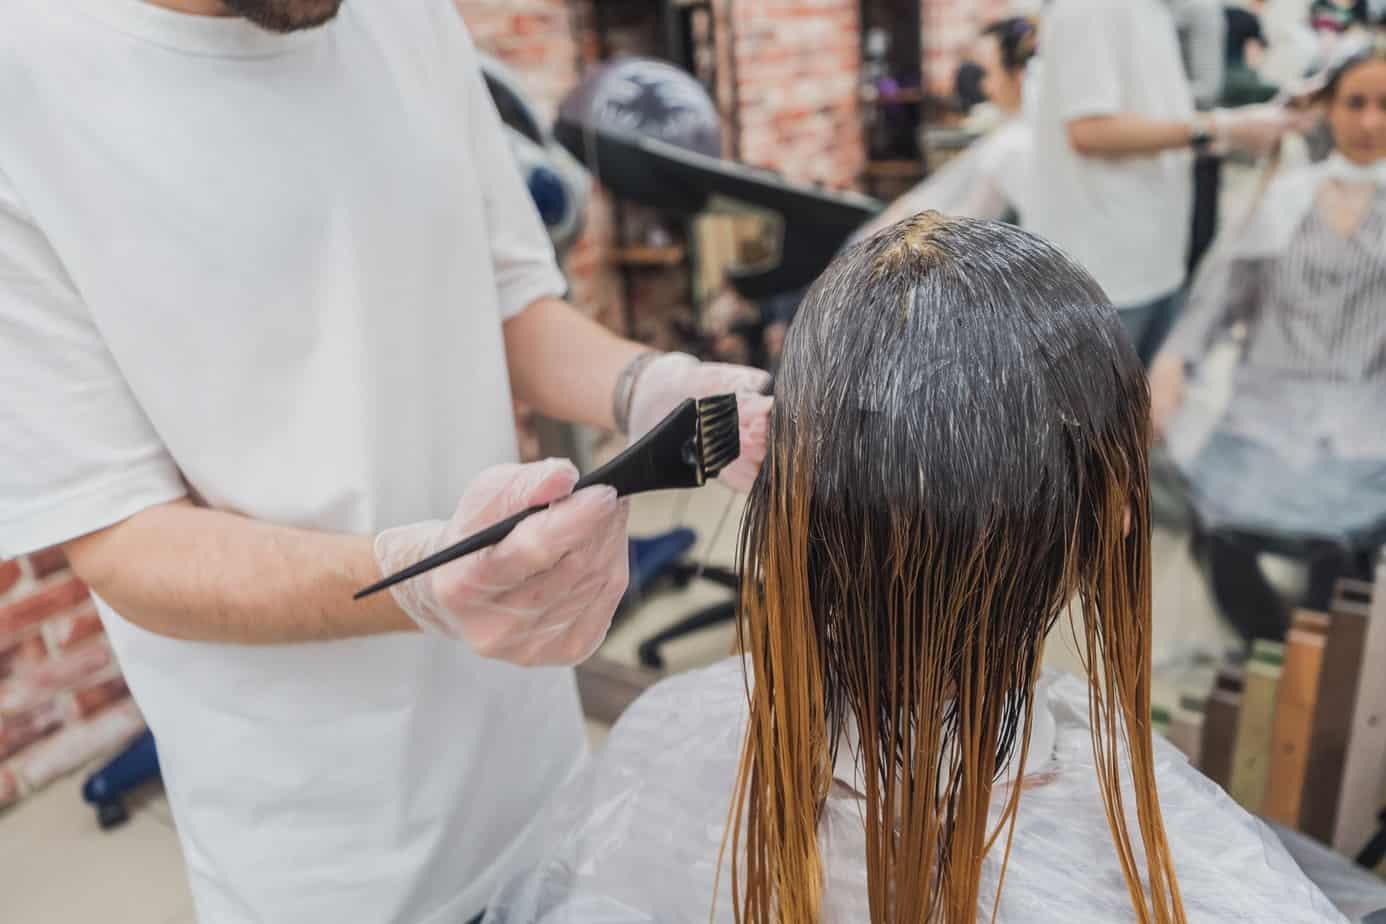 Wie bekommt man Haarfarbe von der Haut?